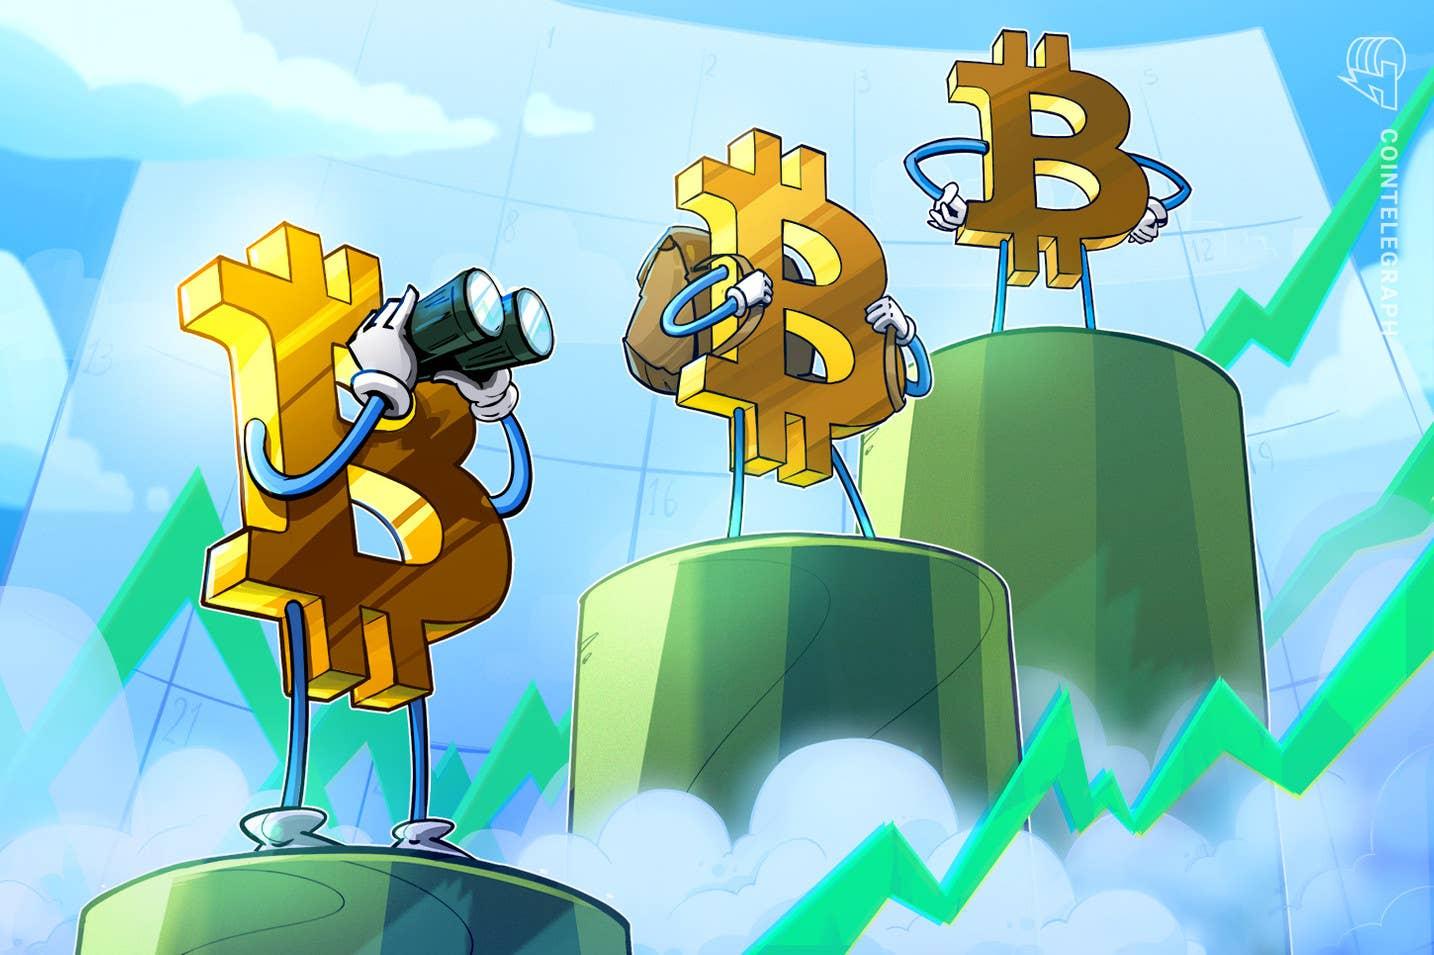 Bitcoin szykuje się do ataku o wartości 47 XNUMX USD — czy cena BTC może pokonać opór typu make-or-break?